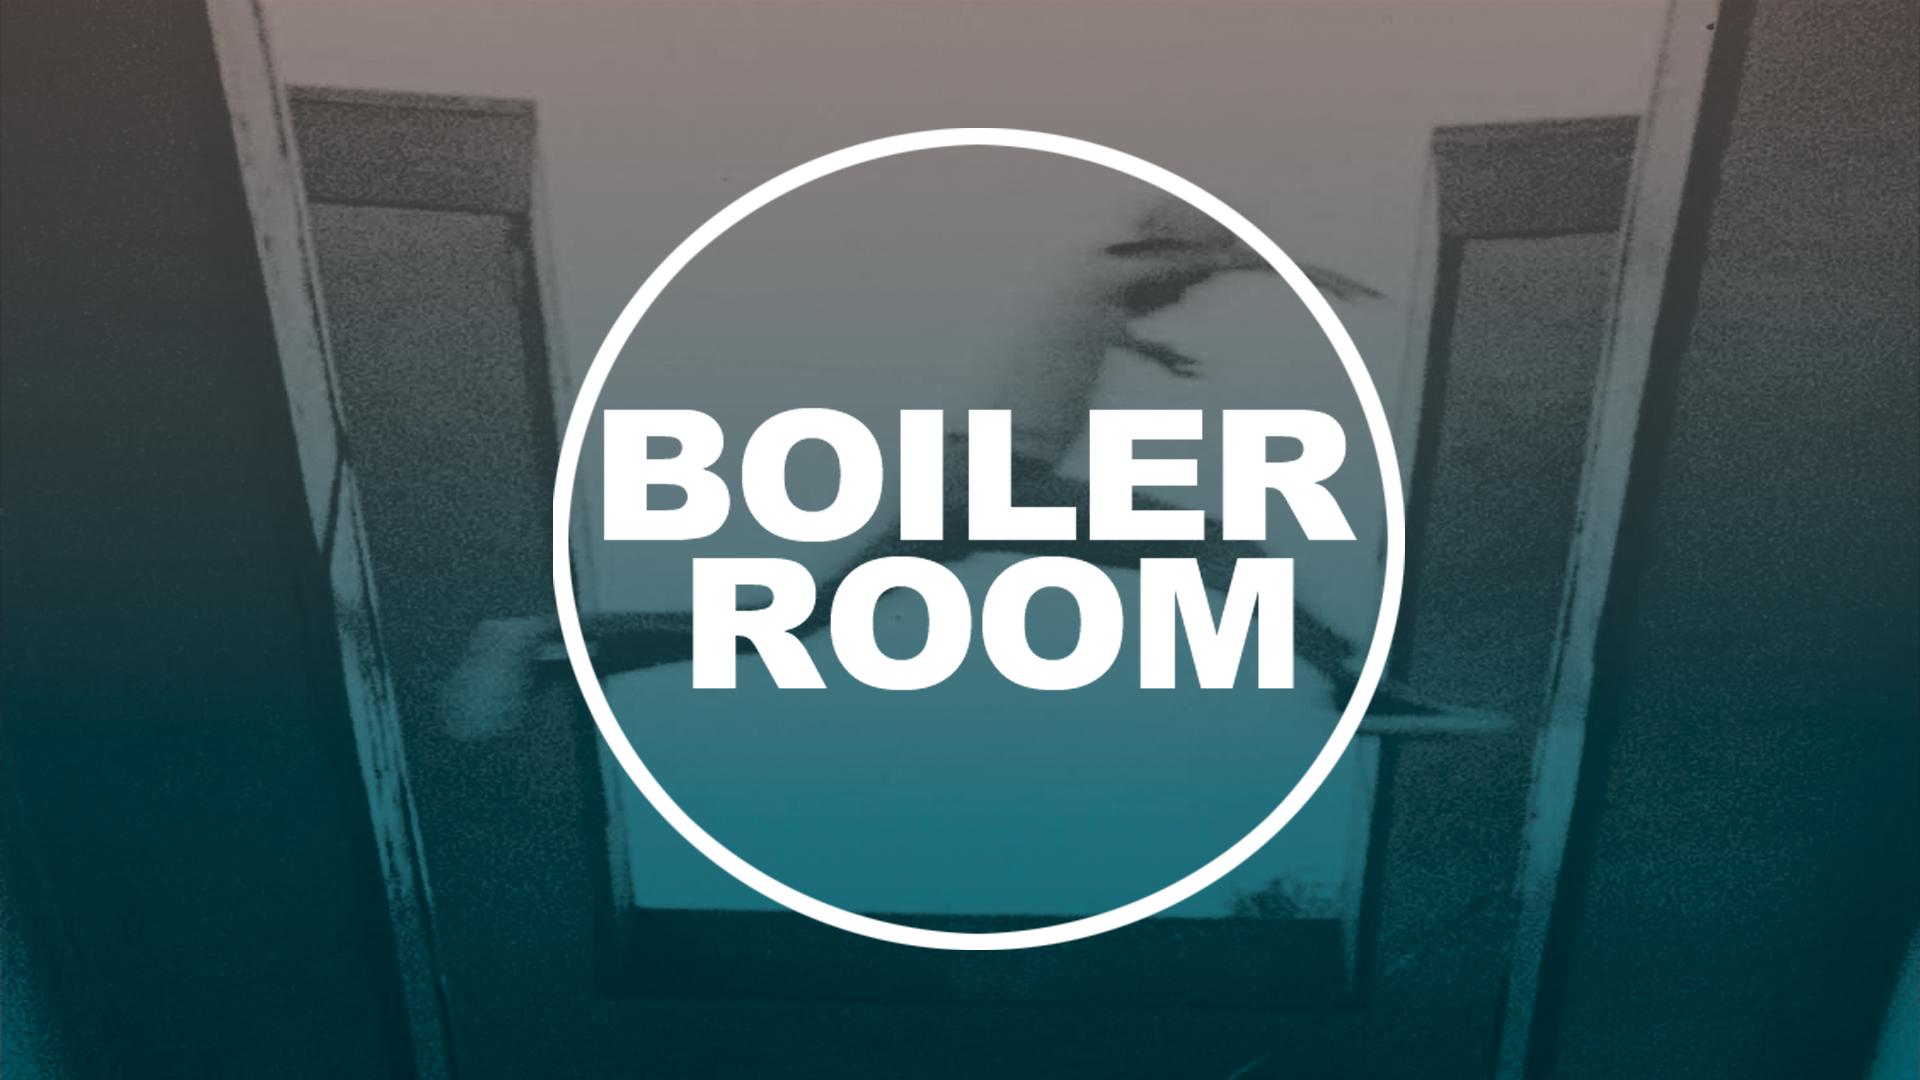 Boiler Room Logo | Branding. Identity. Design. | Pinterest | Brand ...